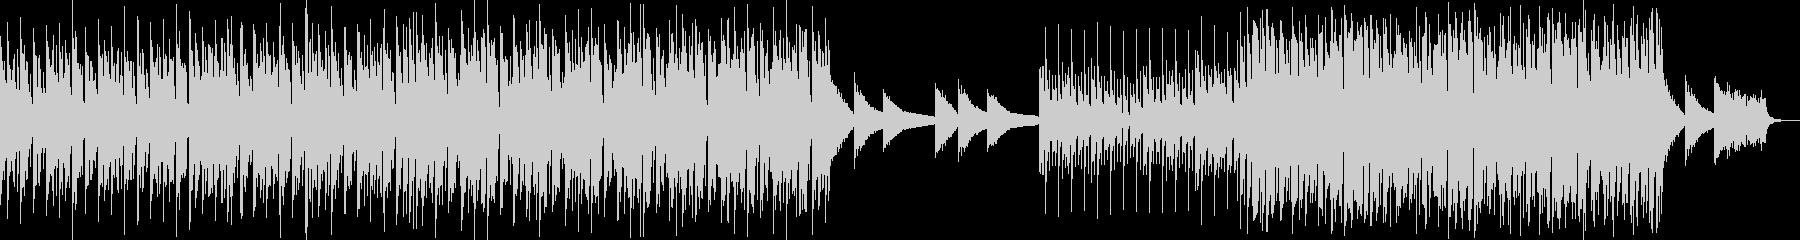 クラップとピアノの刻みがある軽快なハウスの未再生の波形